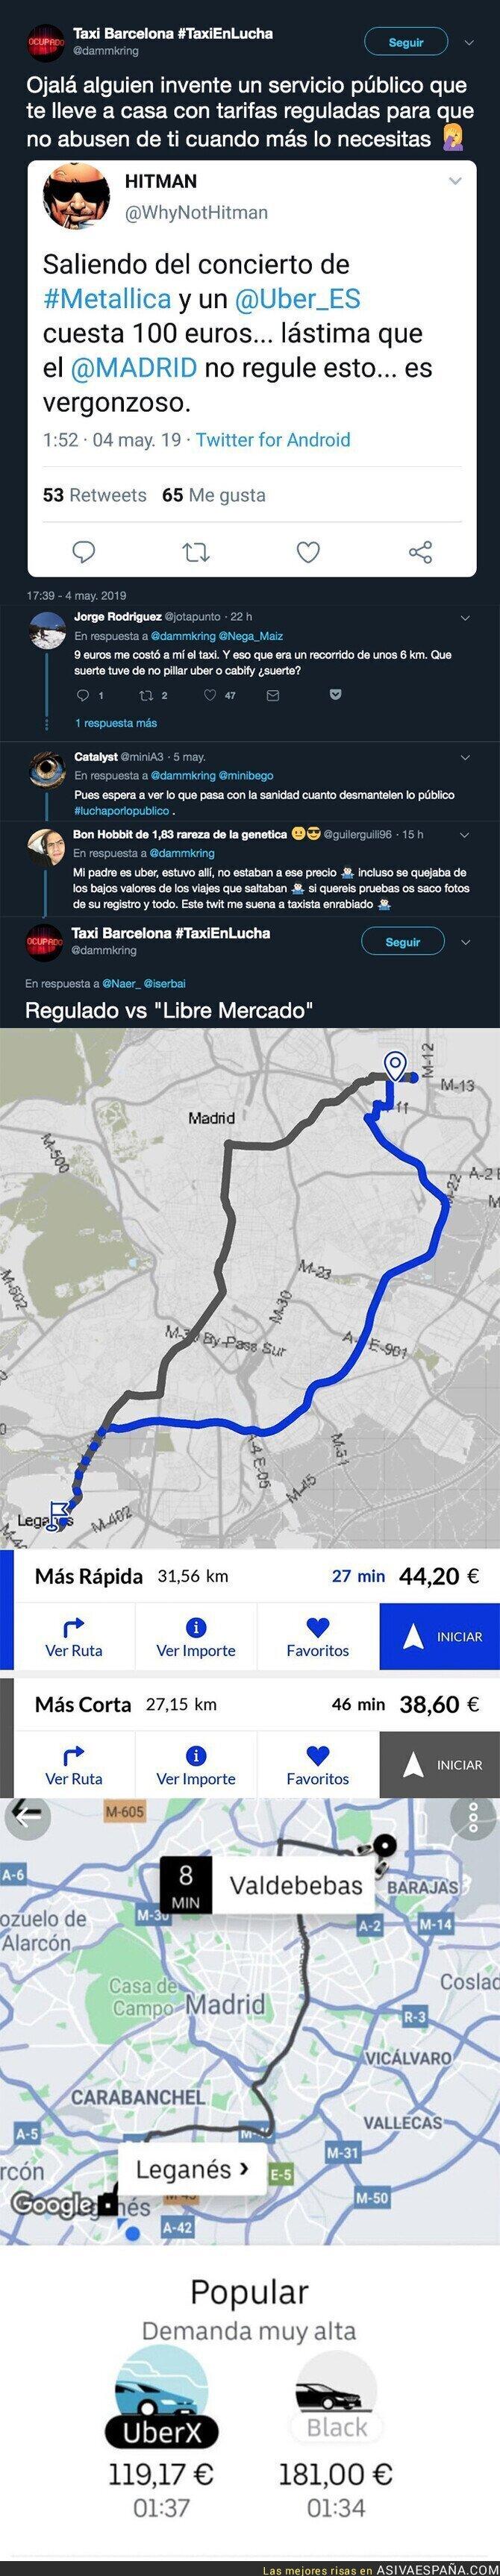 111324 - Este es el precio abusivo de Uber a sus clientes tras el concierto de Metallica en Madrid